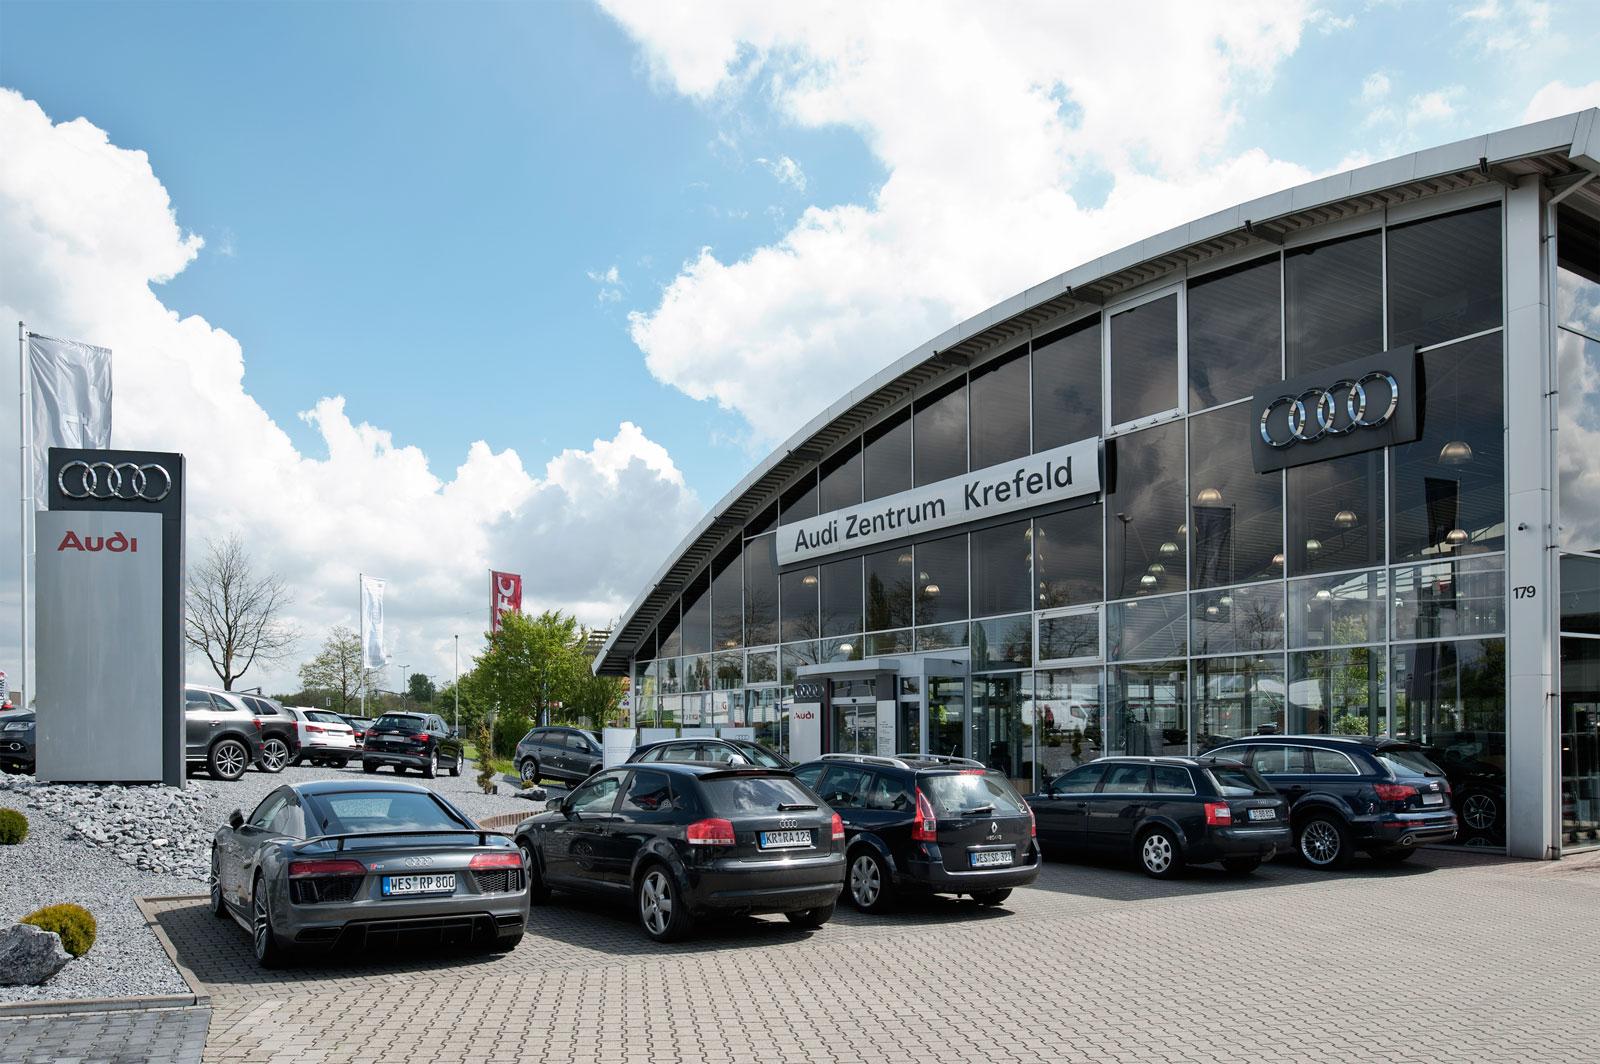 tölke & fischer - das audizentrum krefeld wurde zum top service